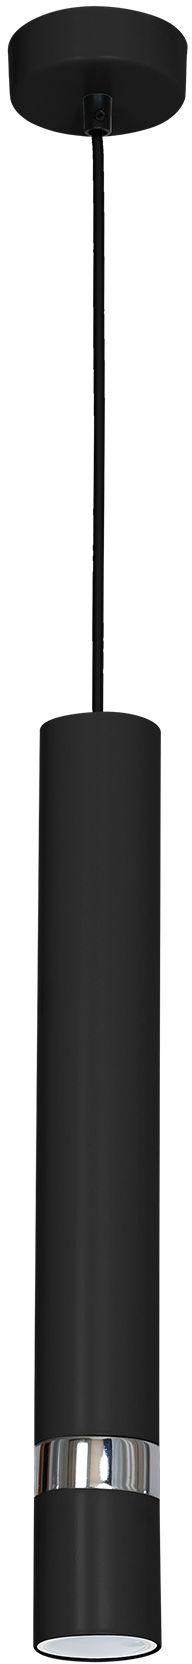 Milagro JOKER BLACK MLP1413 lampa wisząca nowoczesna czarna obudowa połączona ze srebrnymi elementami 1xGU10 8cm